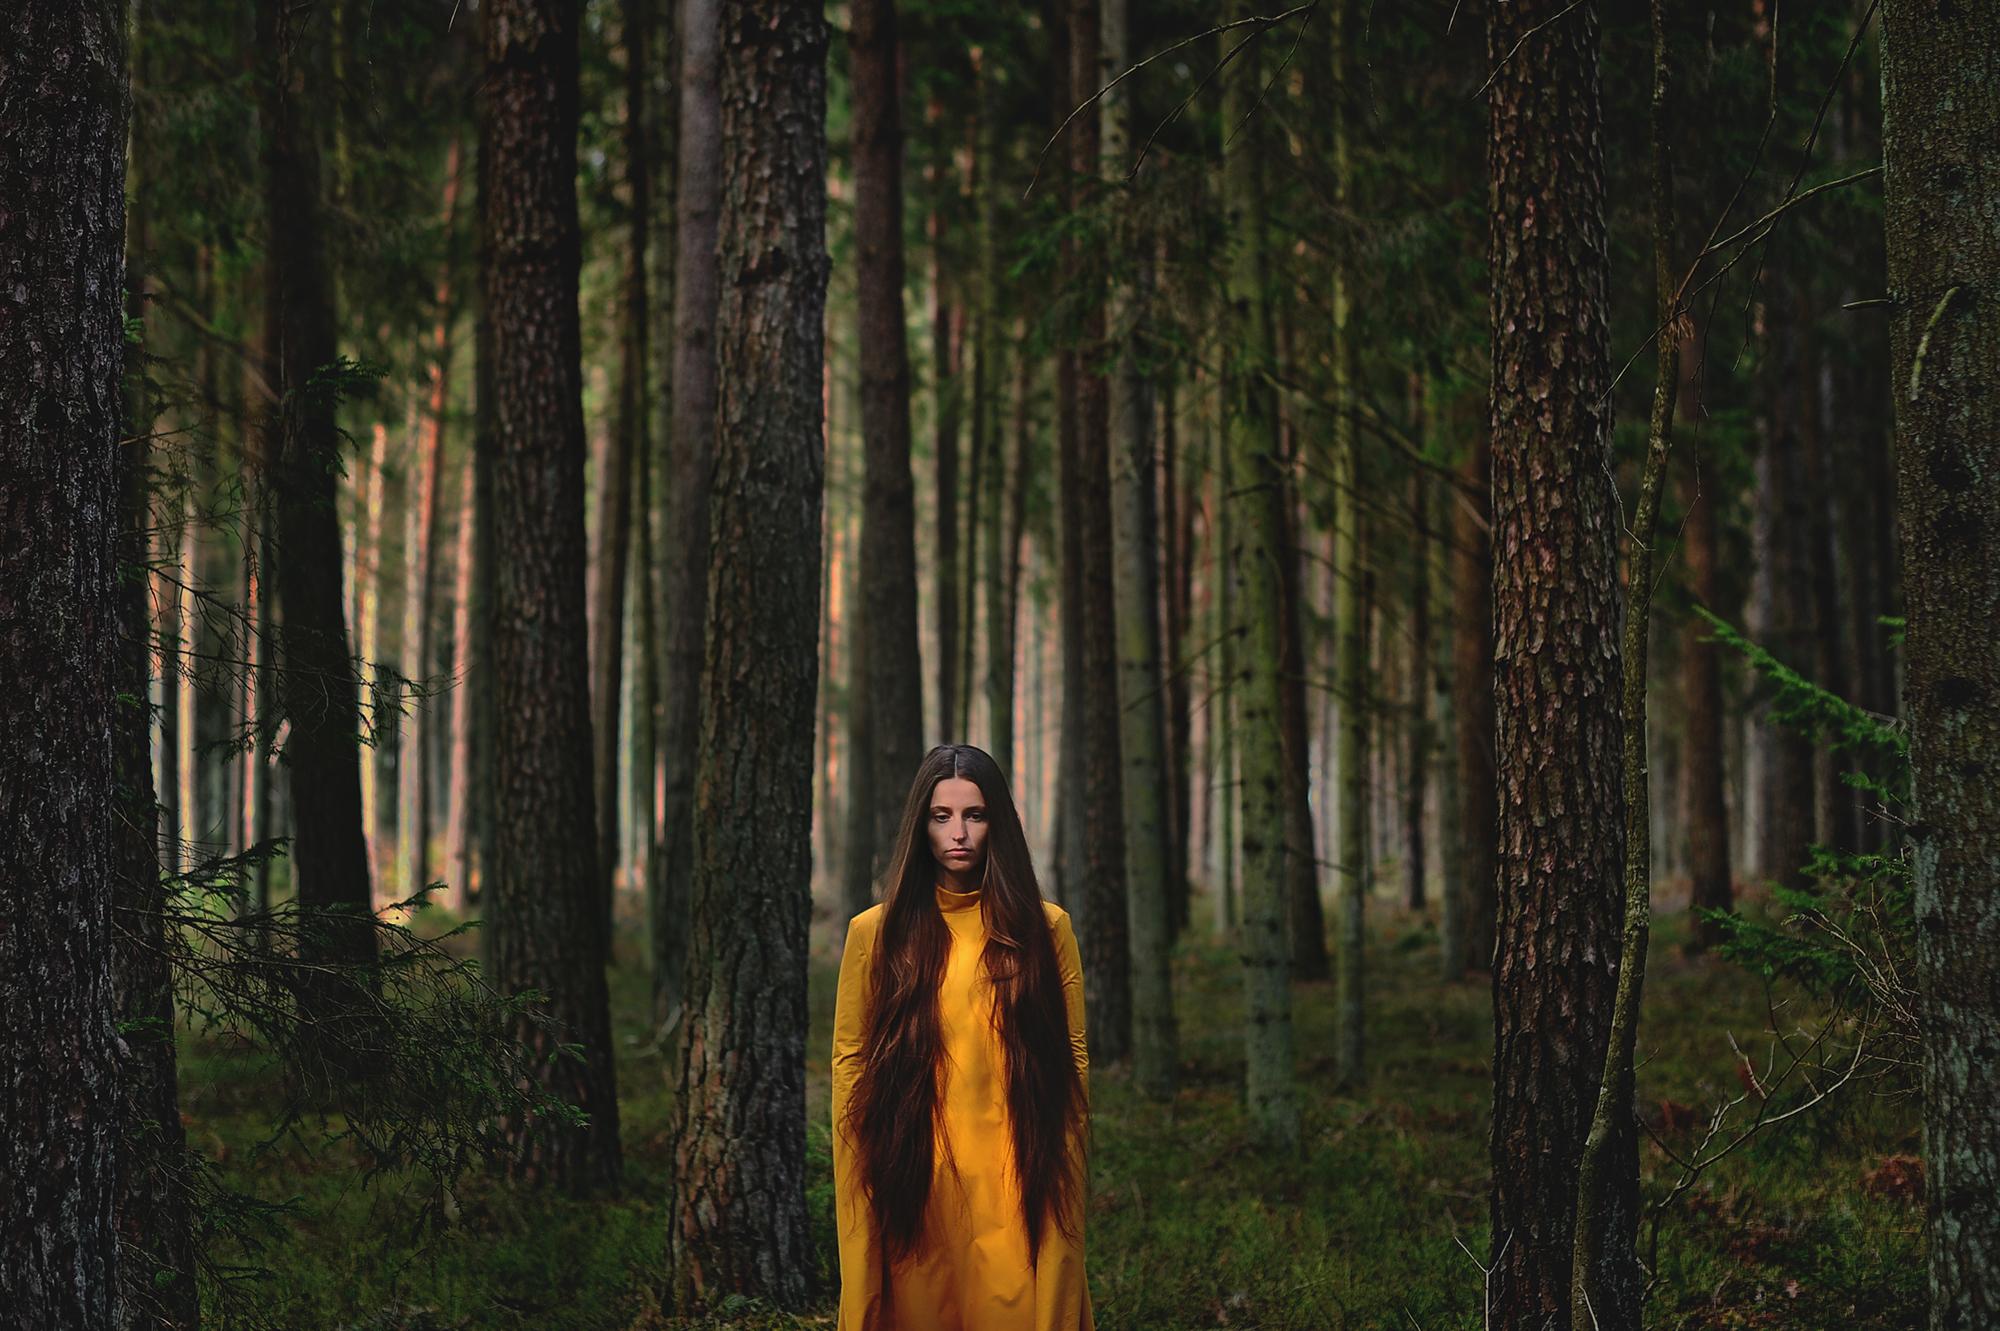 portrait woods model fashion